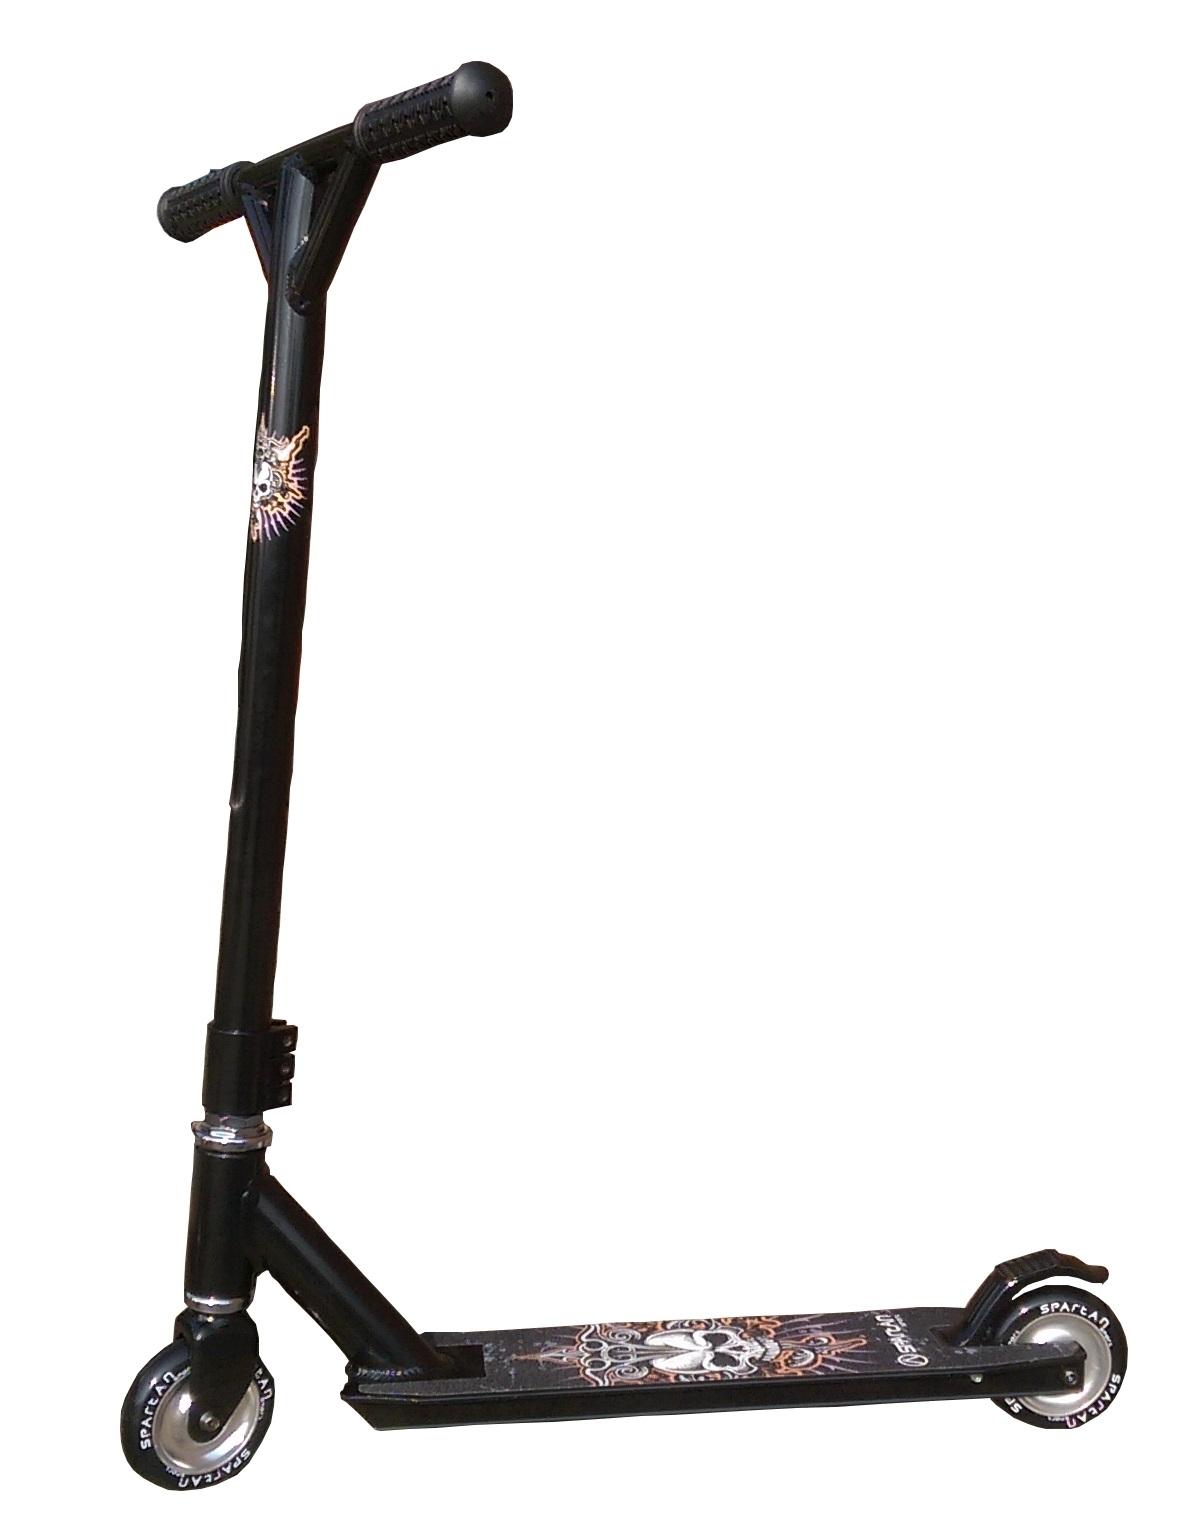 SPARTAN Stunt Профессиональный трюк-скутер